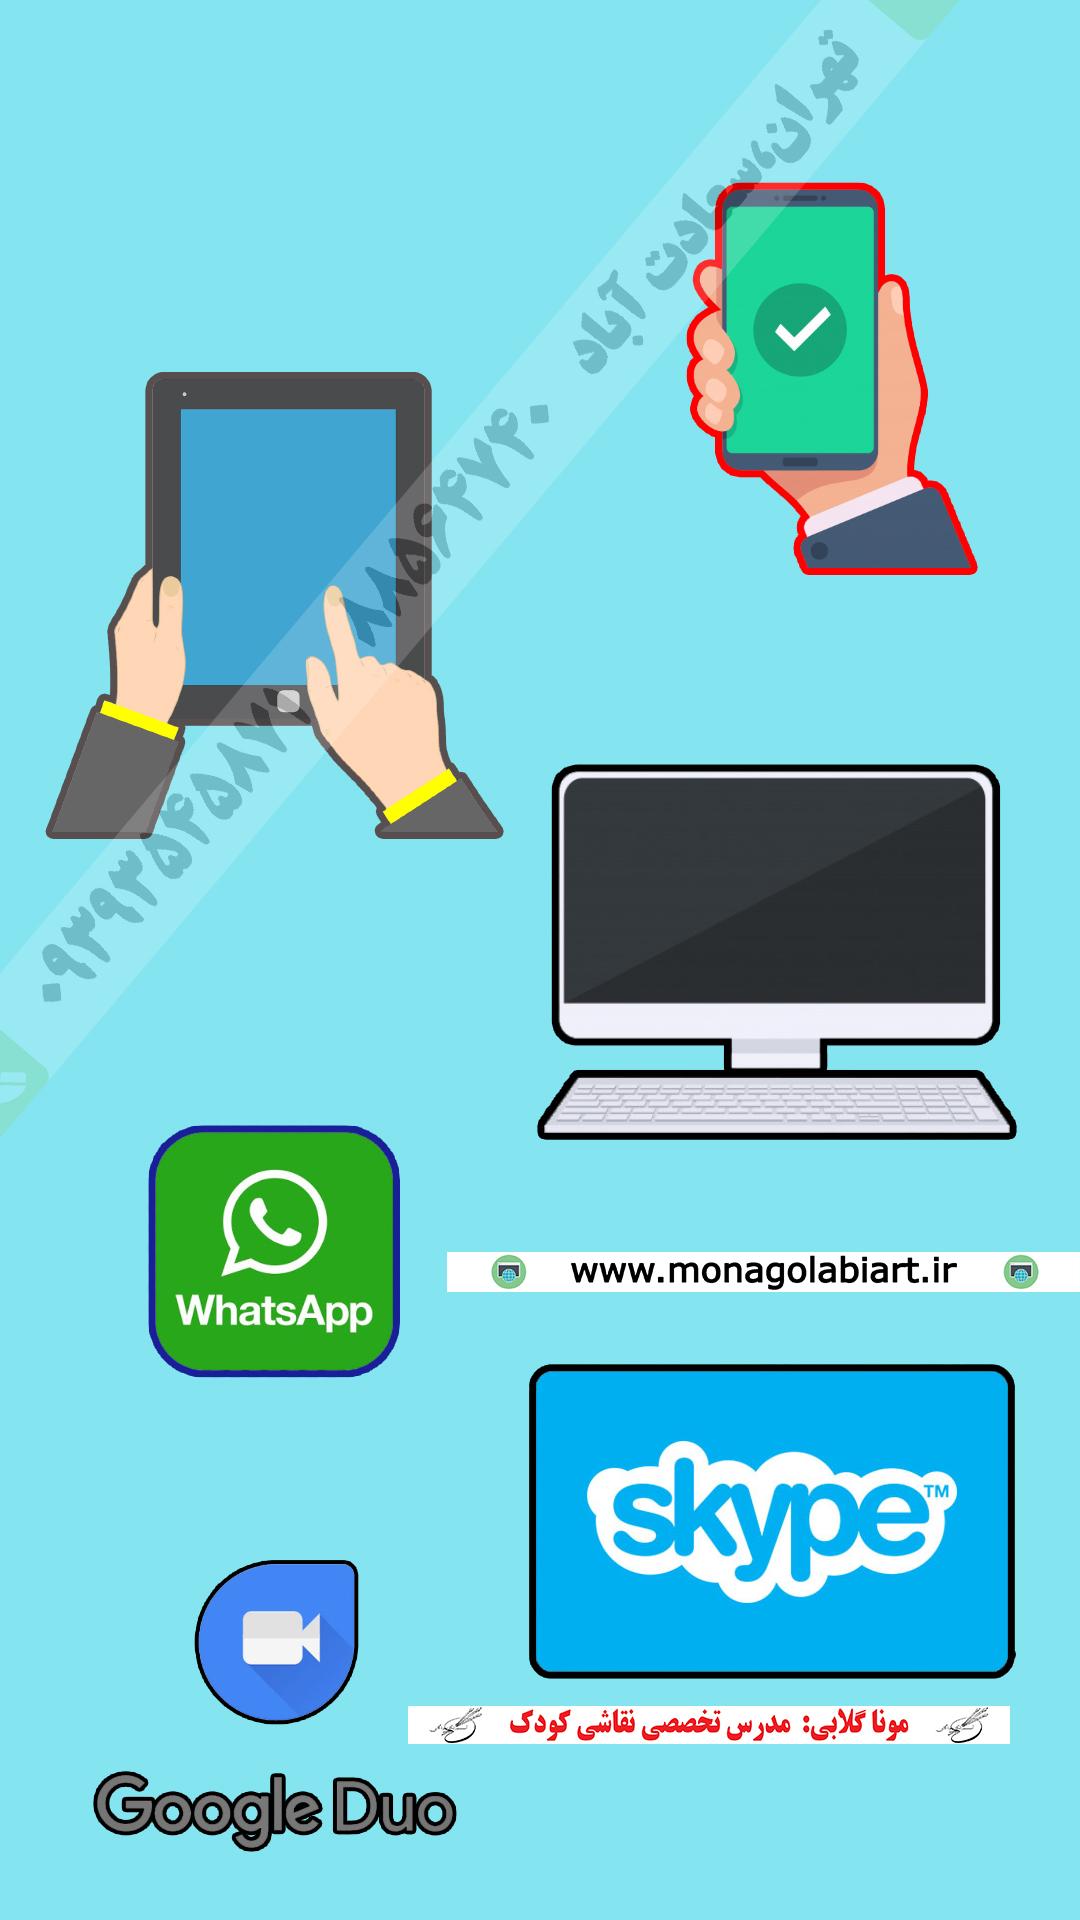 کلاس آنلاین نقاشی با گوشی موناگلابی